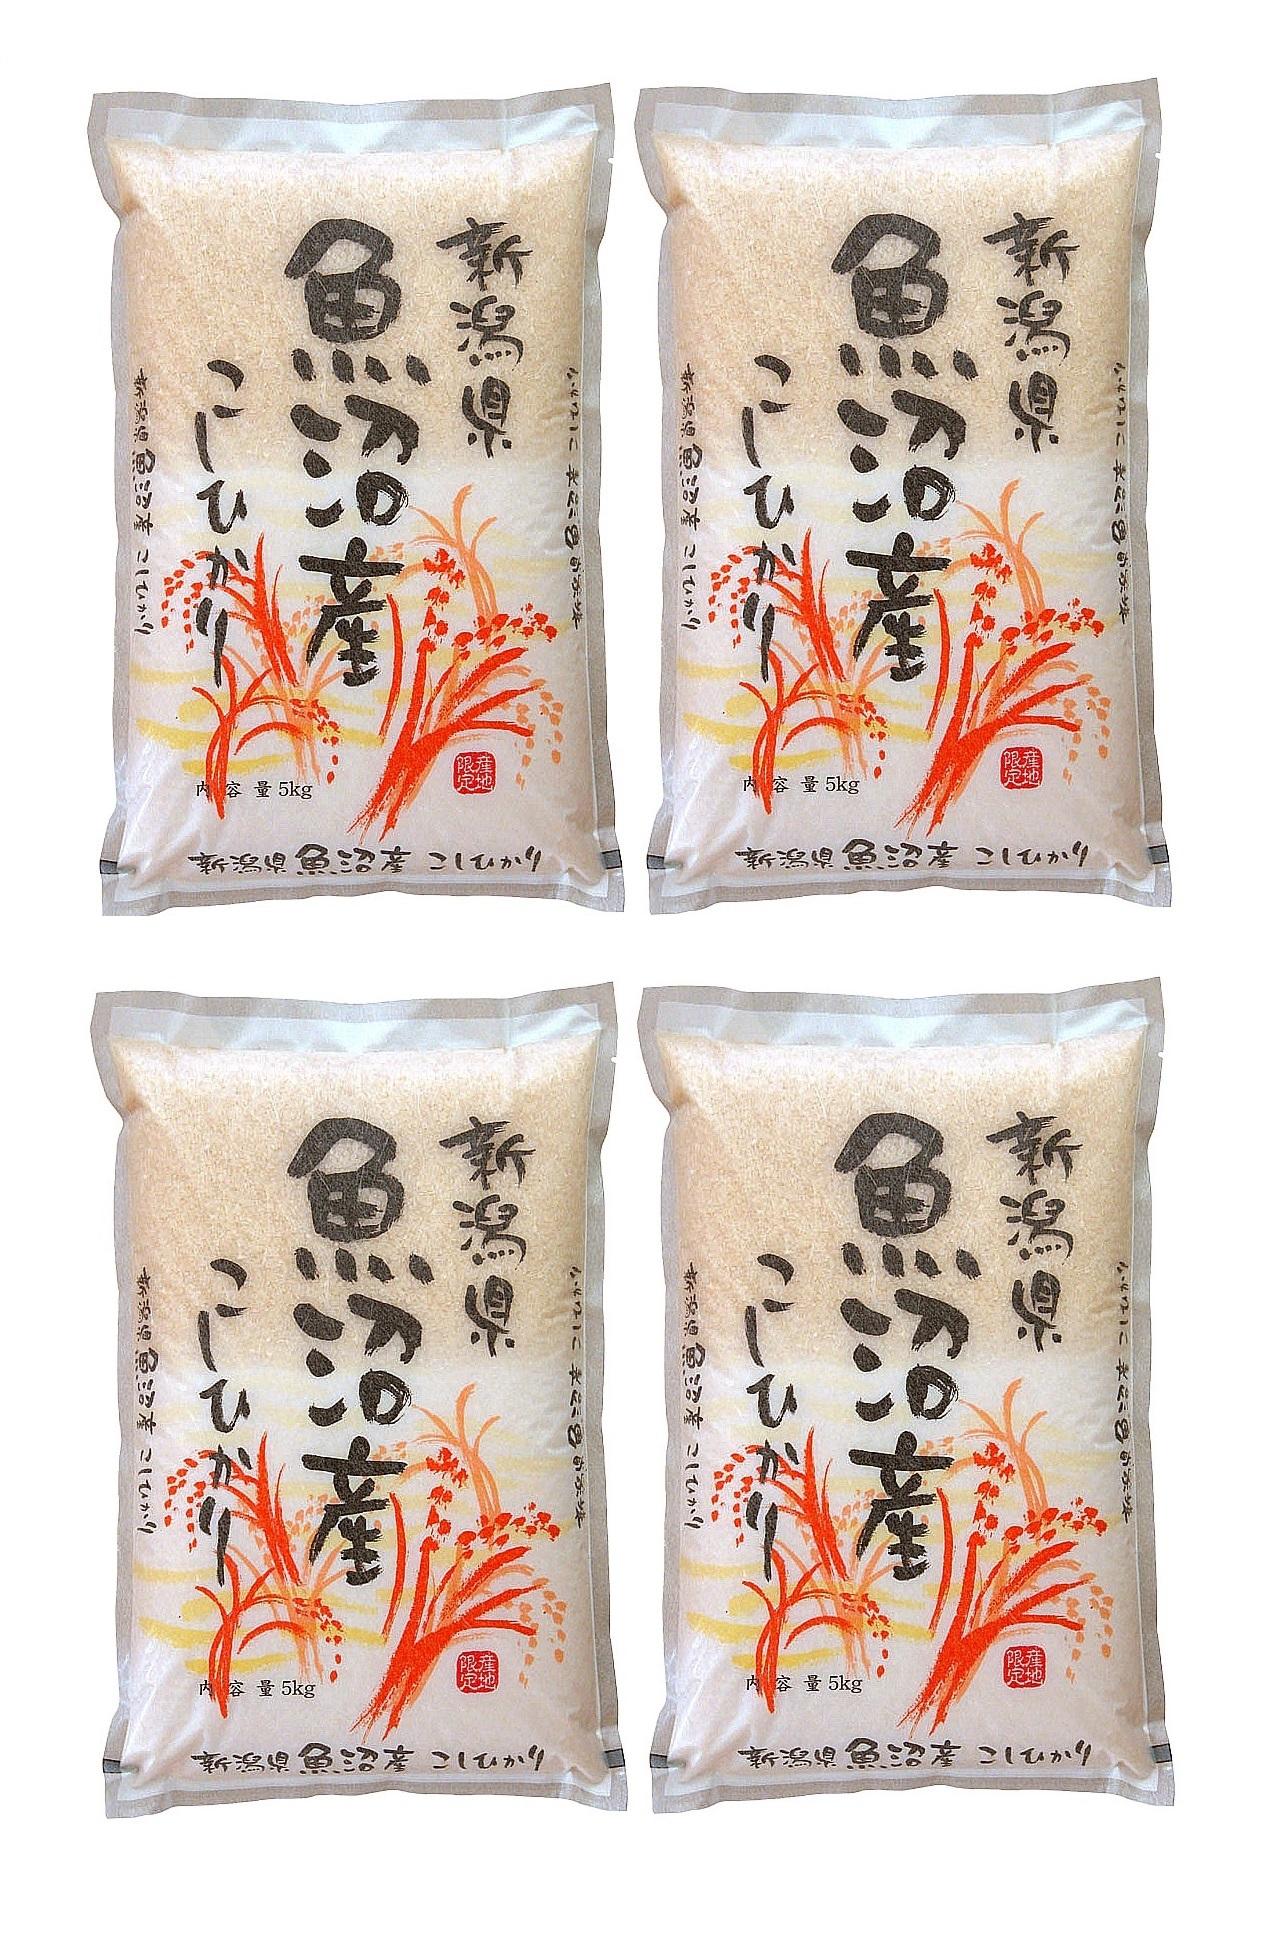 【新潟県】魚沼産コシヒカリ20kg